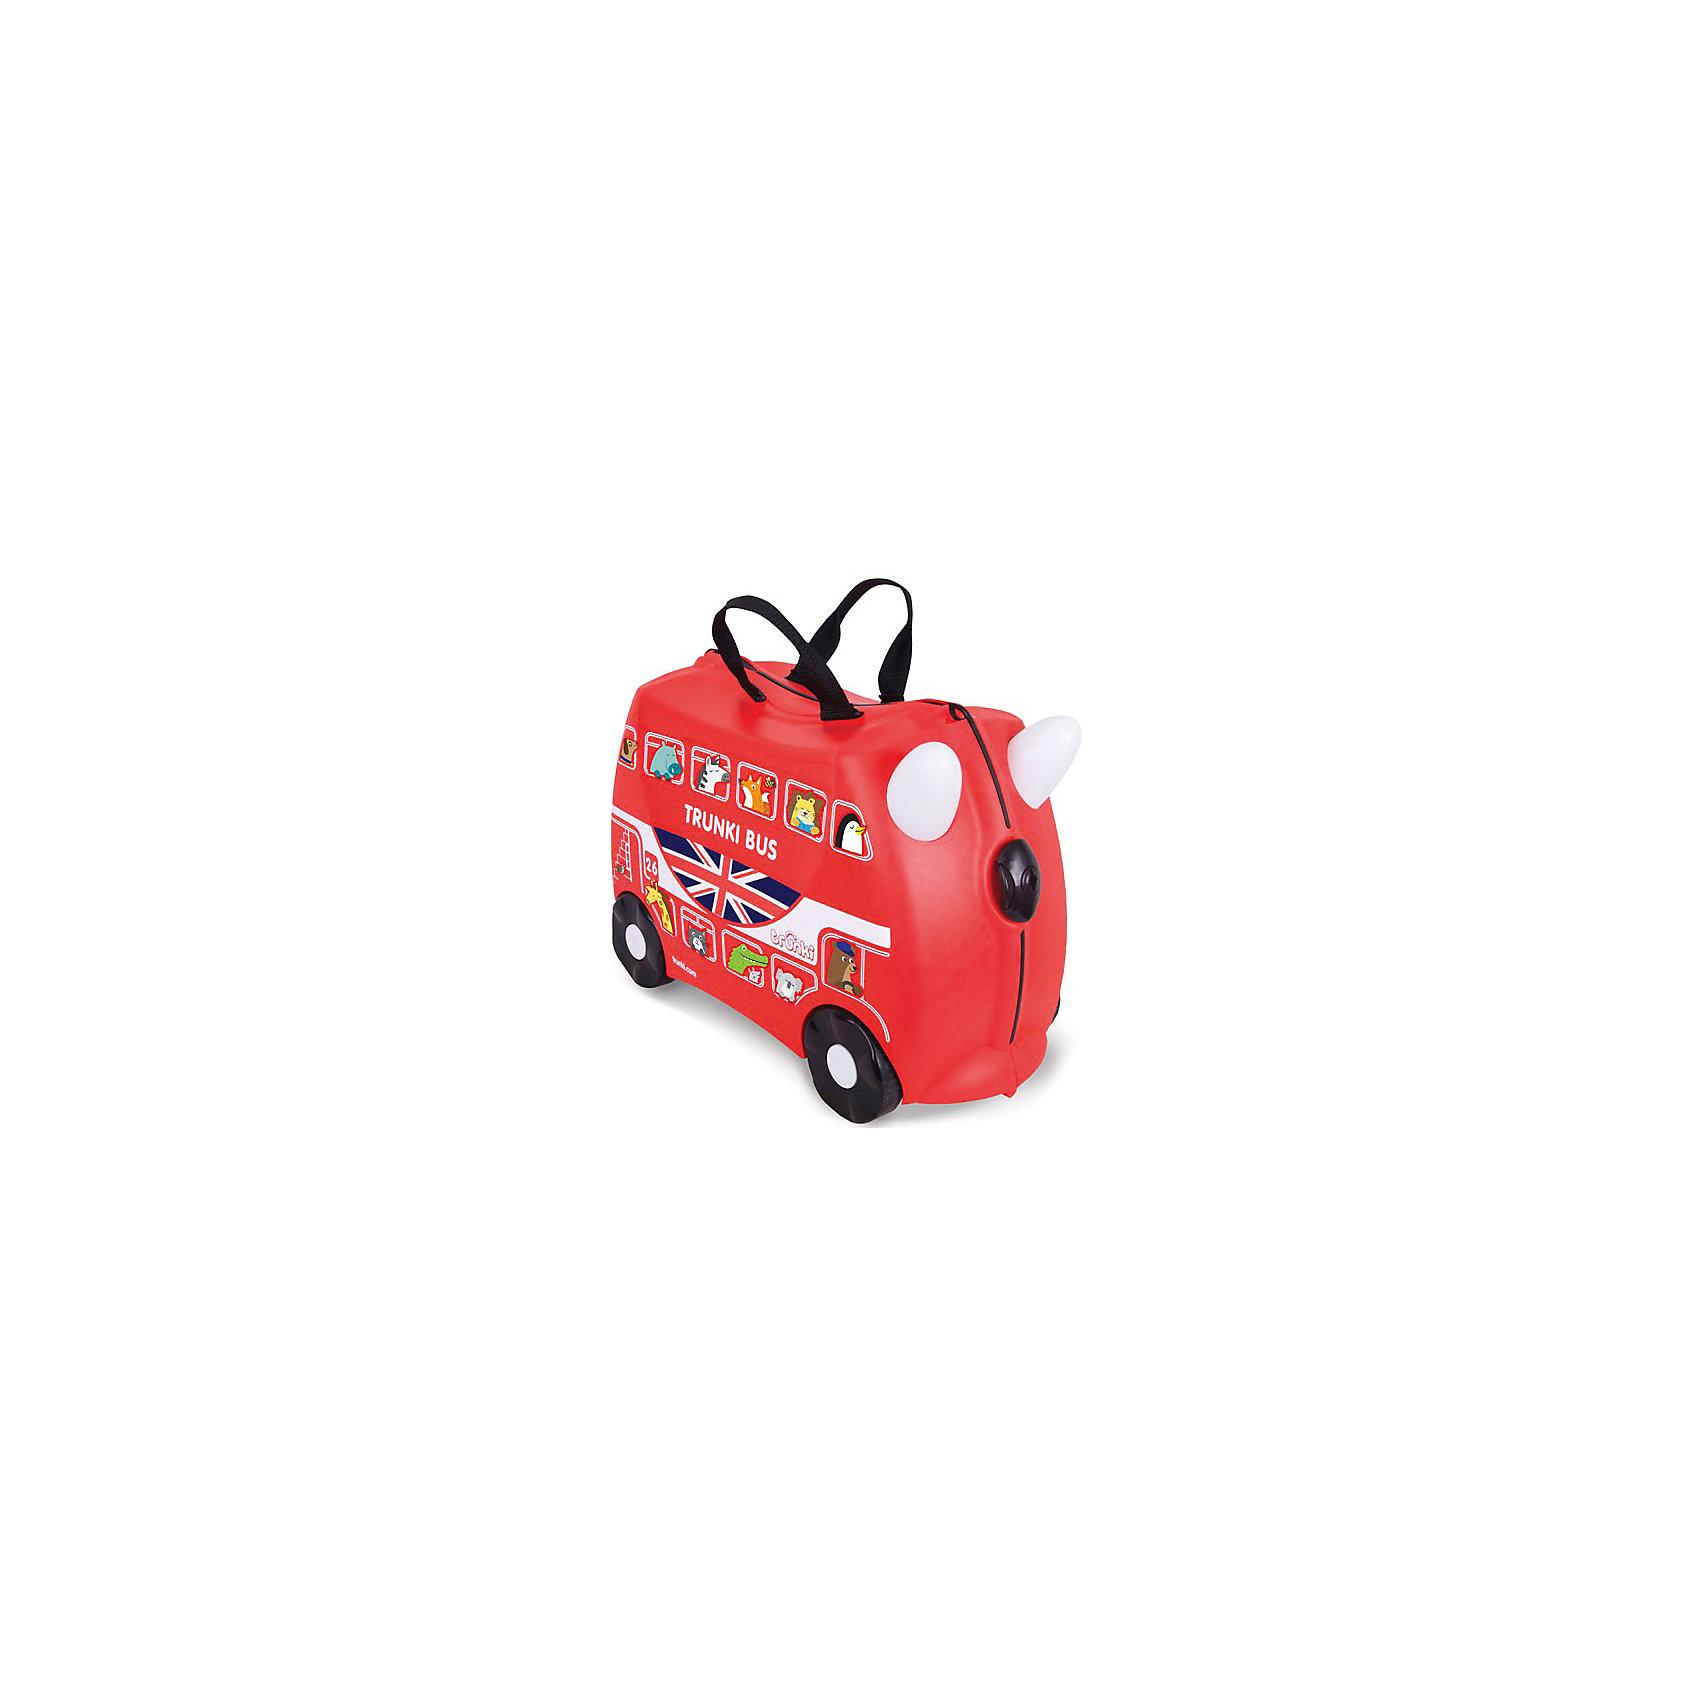 Чемодан на колесиках АвтобусДорожные сумки и чемоданы<br>Вместительный, удобный чемодан Автобус - замечательный вариант для маленьких путешественников. Оригинальный чемодан выполнен из прочного пластика в виде традиционного английского автобуса ярко-красного цвета с двумя этажами. Размеры позволяют брать его в самолет как ручную кладь. Чемоданчик может использоваться как детский стульчик и как оригинальное средство передвижения. Благодаря надежным колесикам, удобной конструкции седла и стабилизаторам малыш ездит на чемодане как на каталке, отталкиваясь ножками и держась за рожки. <br><br>Чемодан оснащен удобными ручками для переноски и надежным замком с ключиком. С помощью ручного буксировочного ремня автобус можно везти по полу или нести на плече. Внутри просторное двустворчатое отделение для одежды и дорожных принадлежностей с ремнями для фиксации одежды, а также потайные секретные отсеки для мелочей. Все детали выполнены из экологически чистых, безопасных для детского здоровья материалов. Собственный чемодан для путешествий позволит ребенку почувствовать себя взрослым и самостоятельным.<br><br>Дополнительная информация:<br><br>- Материал: высококачественный пластик.<br>- Объем: 18 л.<br>- Максимальная нагрузка: 45 кг.<br>- Кол-во колес: 4 колеса.<br>- Размер чемодана: 46 х 20,5 х 31 см.<br>- Вес: 1,7 кг.<br><br>Чемодан на колесиках Автобус, Trunki, можно купить в нашем интернет-магазине.<br><br>Ширина мм: 460<br>Глубина мм: 210<br>Высота мм: 310<br>Вес г: 1700<br>Возраст от месяцев: 36<br>Возраст до месяцев: 72<br>Пол: Унисекс<br>Возраст: Детский<br>SKU: 4660581